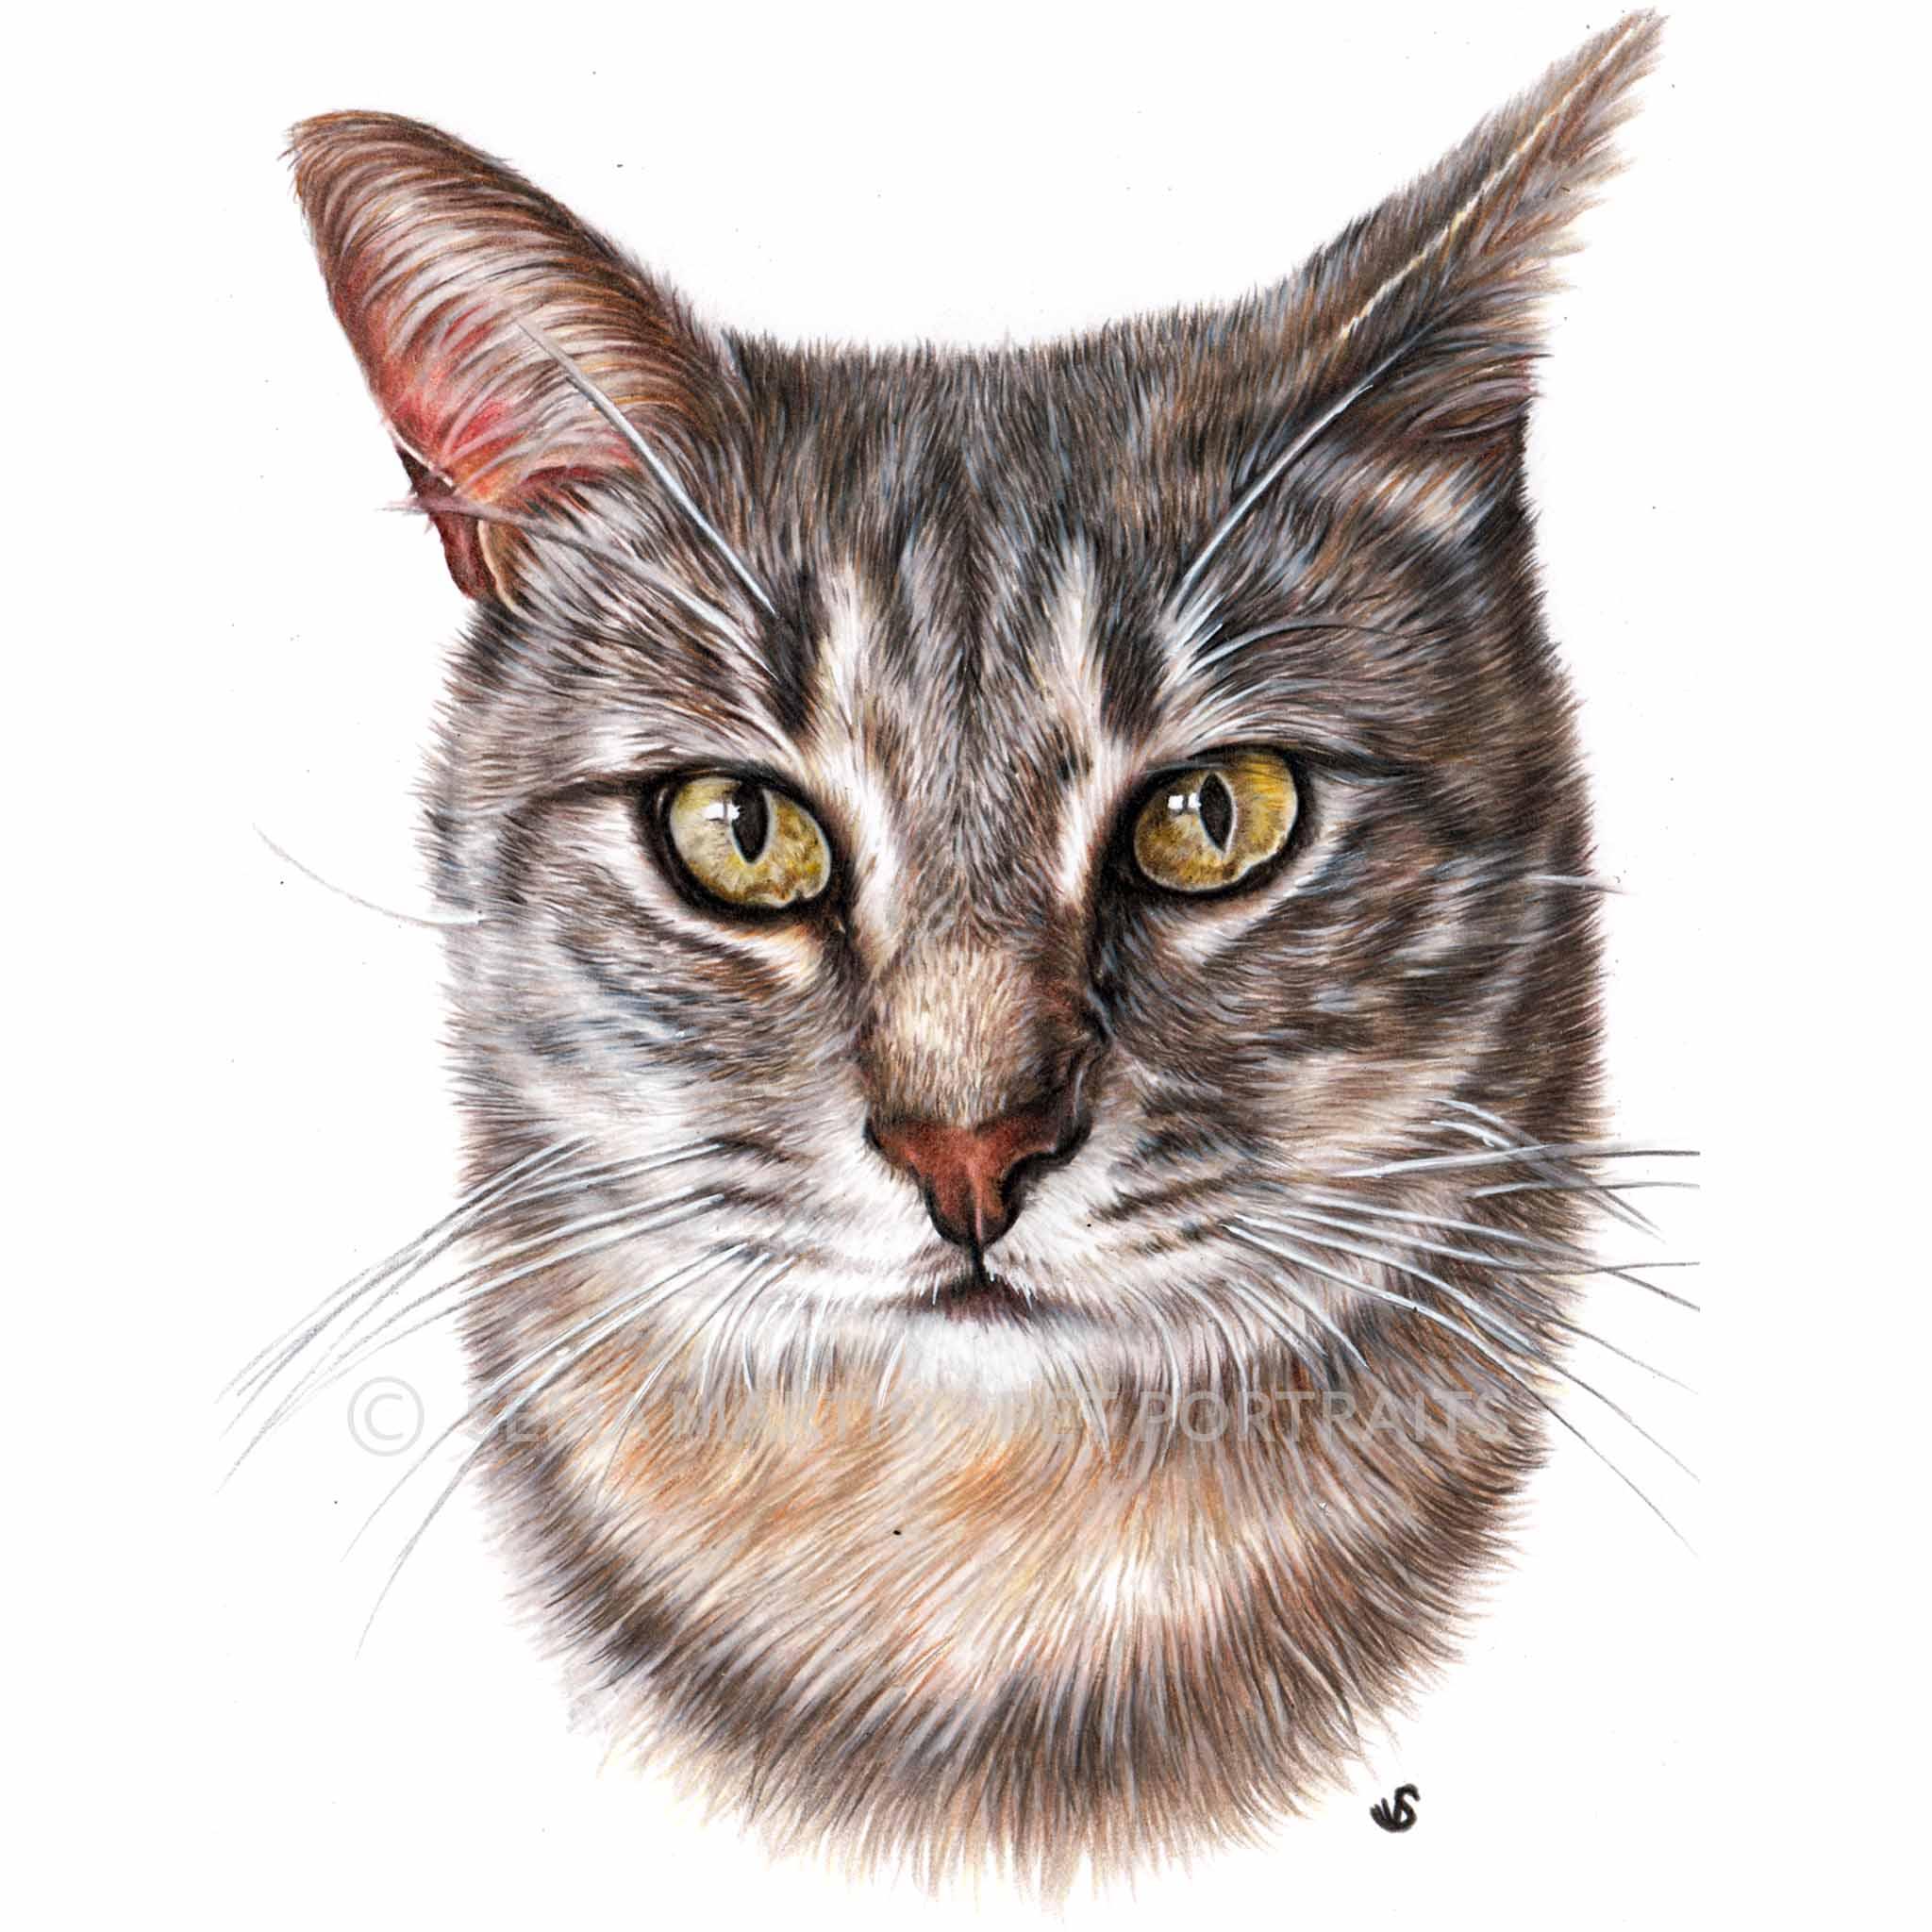 'Jeriko' - SPA, 5.8 x 8.3 inches, 2018, Colour Pencil Cat Portrait by Sema Martin